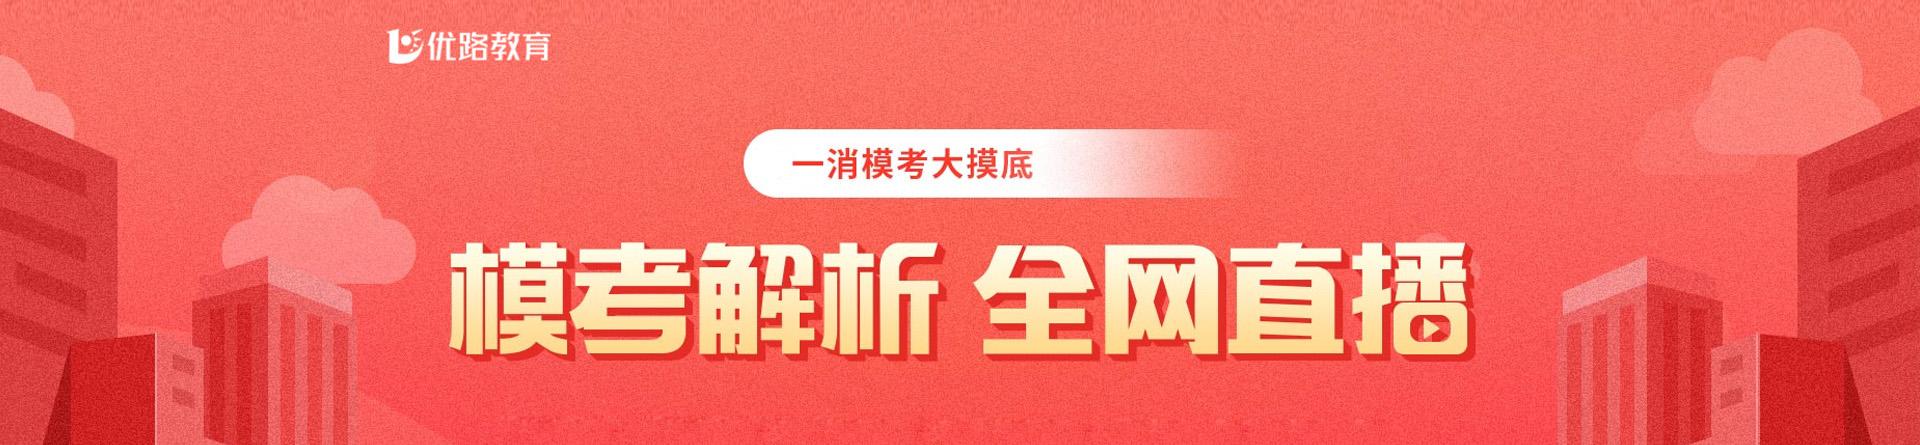 河南濮阳优路教育培训学校